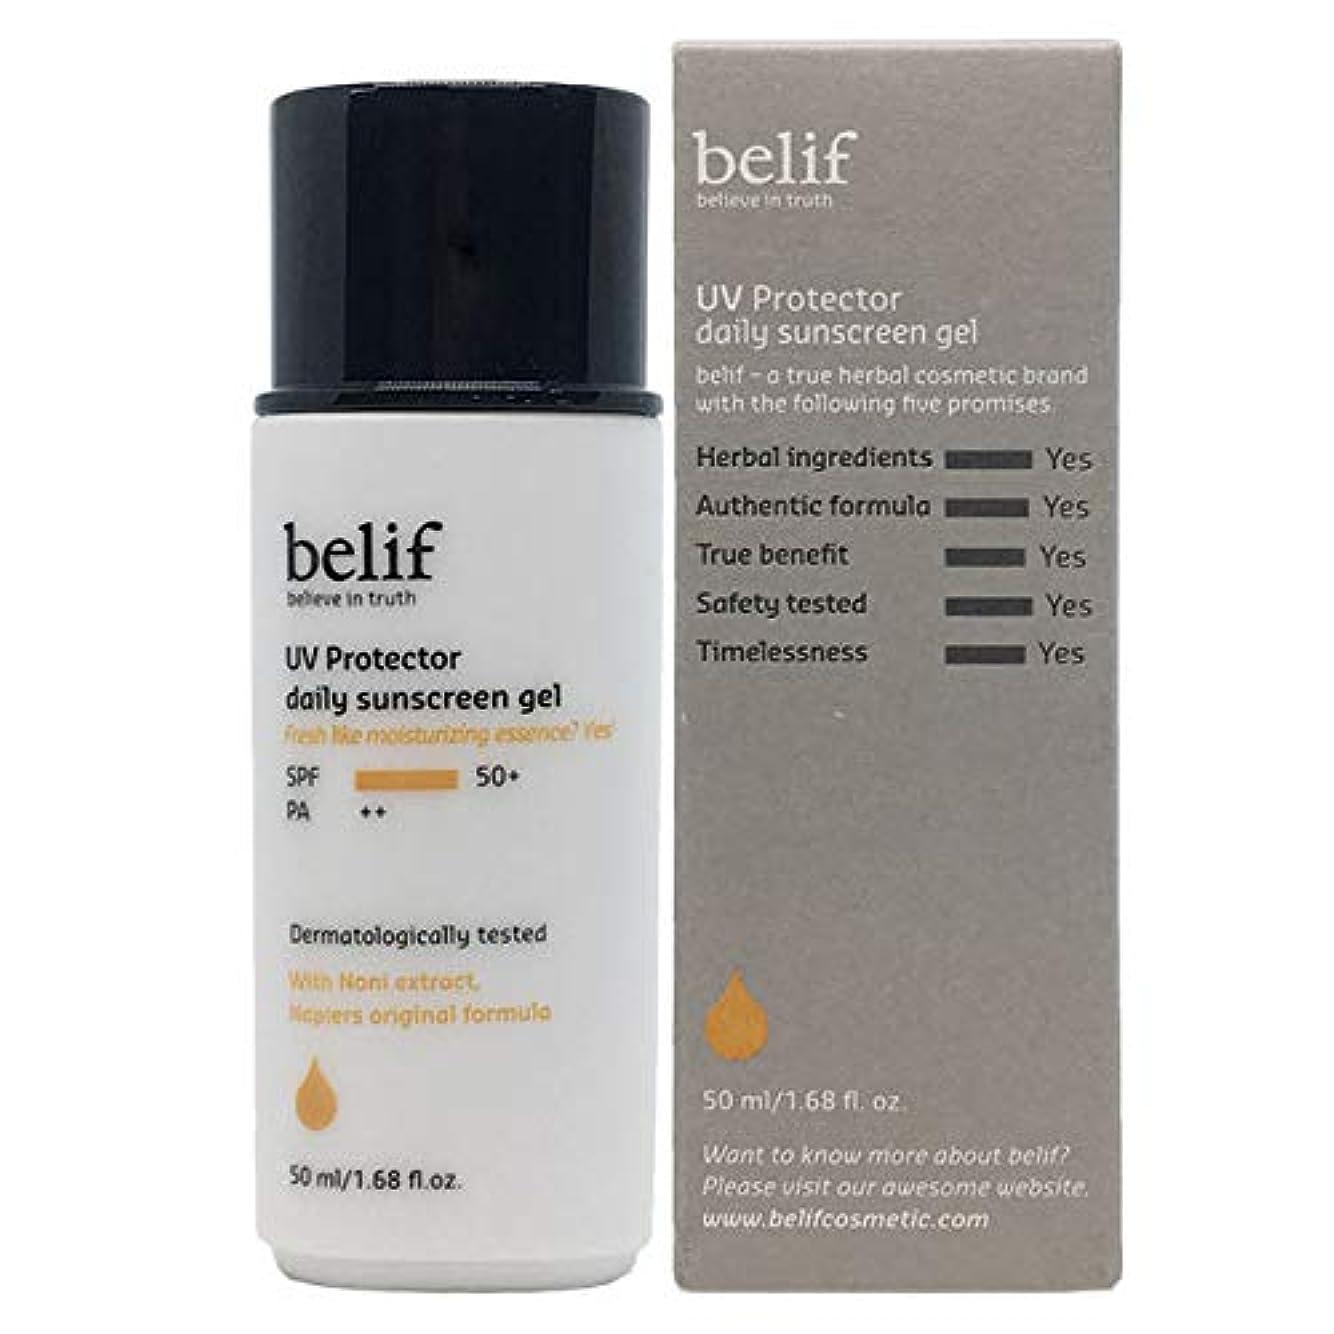 忠誠ボールナプキンBelif(ビリーフ)UV Protector Daily Sunscreen Gel 50ml/ビリーフUVプロテクター サンスクリーン ジェル